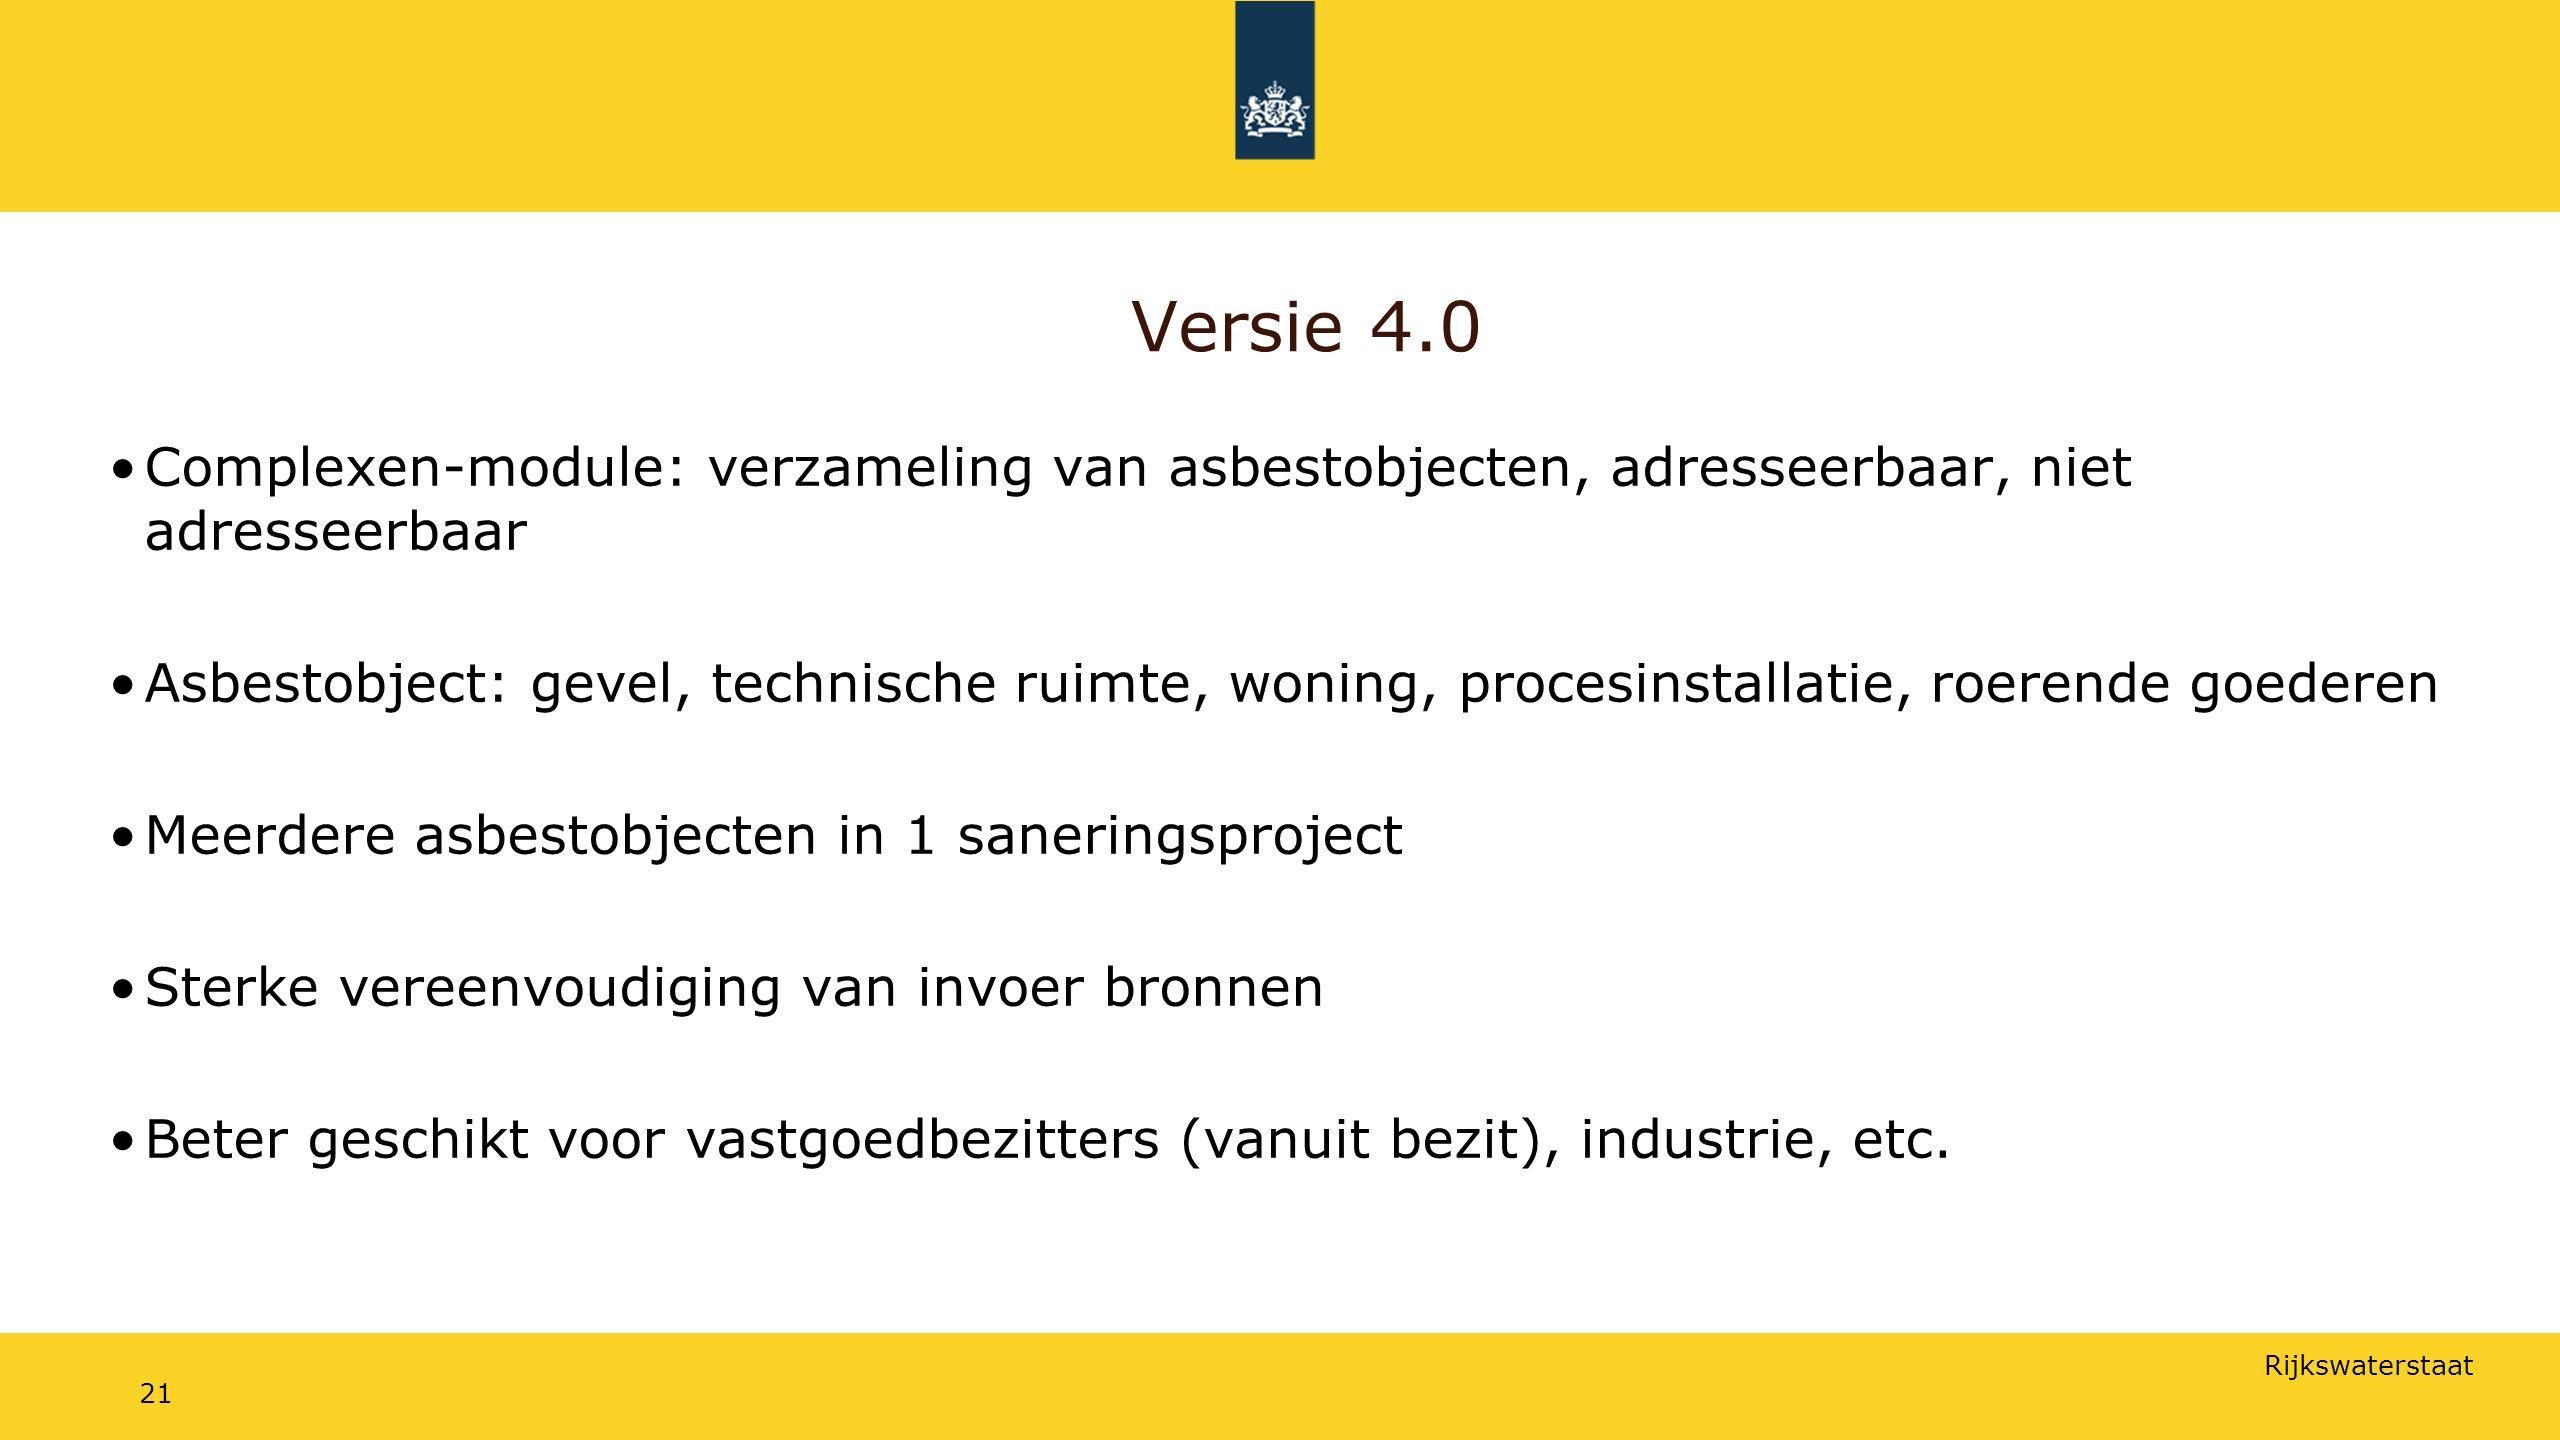 Versie 4.0 Complexen-module: verzameling van asbestobjecten, adresseerbaar, niet adresseerbaar.